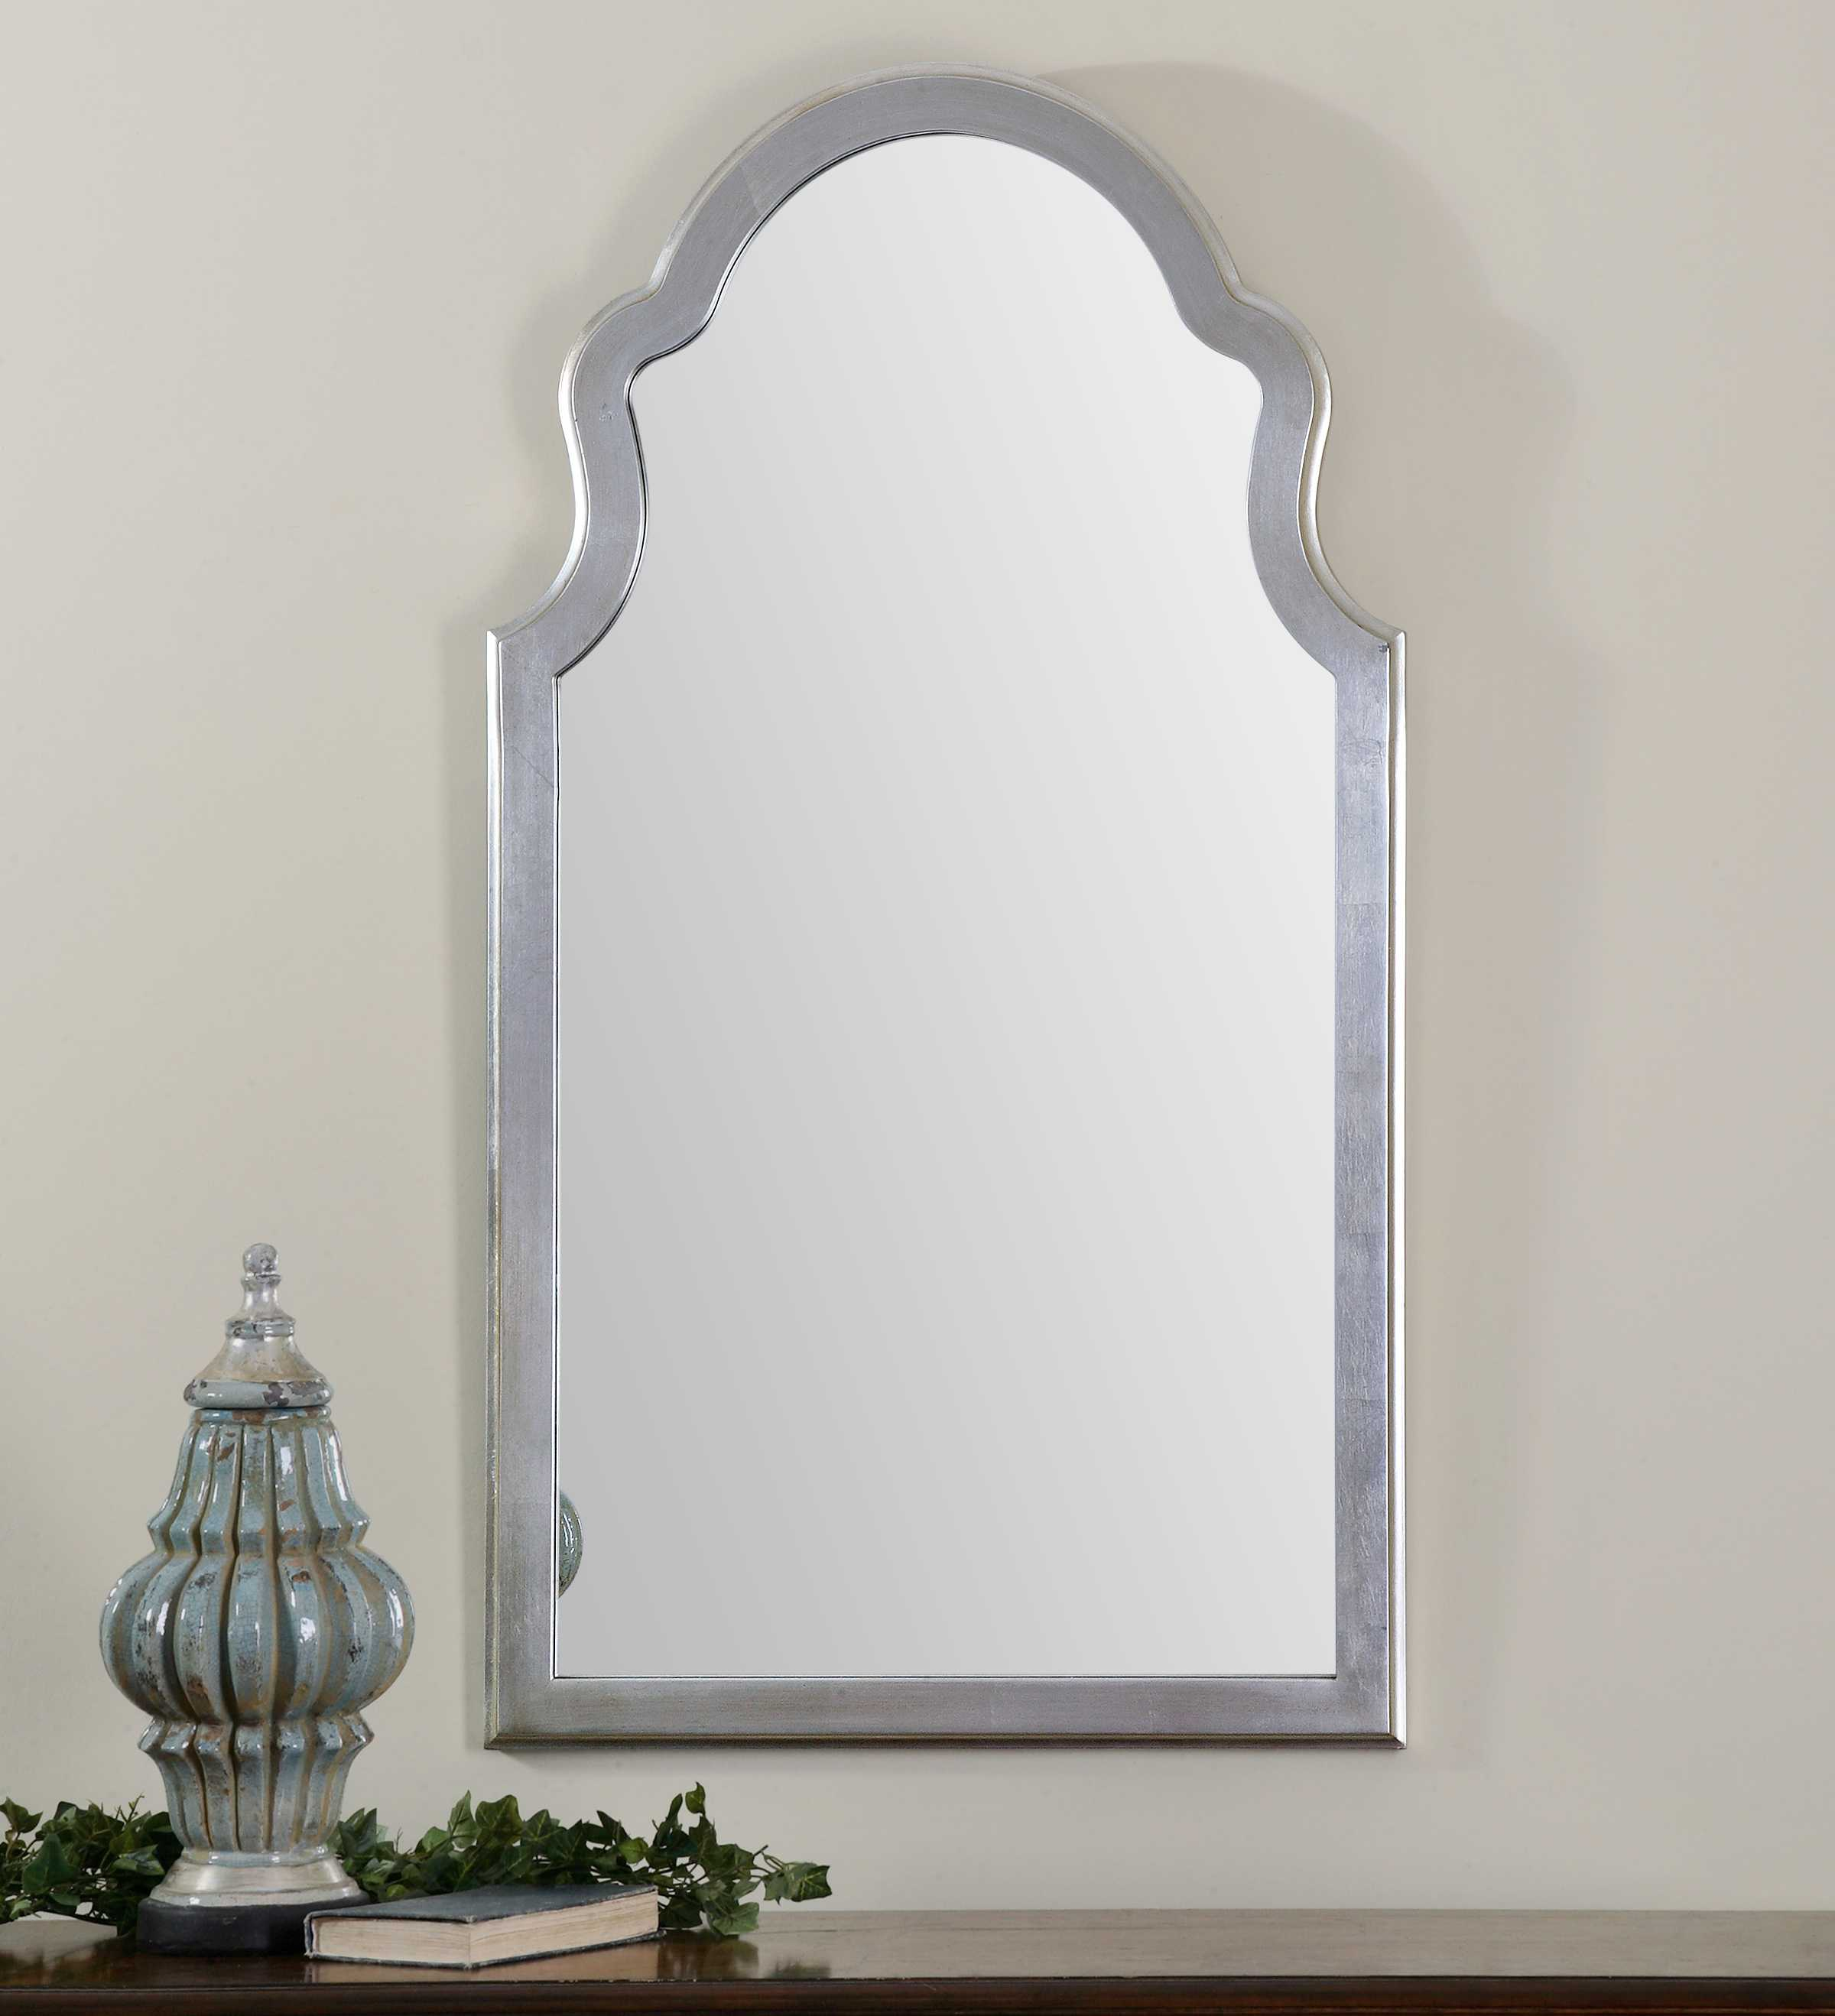 Uttermost Brayden 27 X 48 Arched Silver Wall Mirror Ut14479